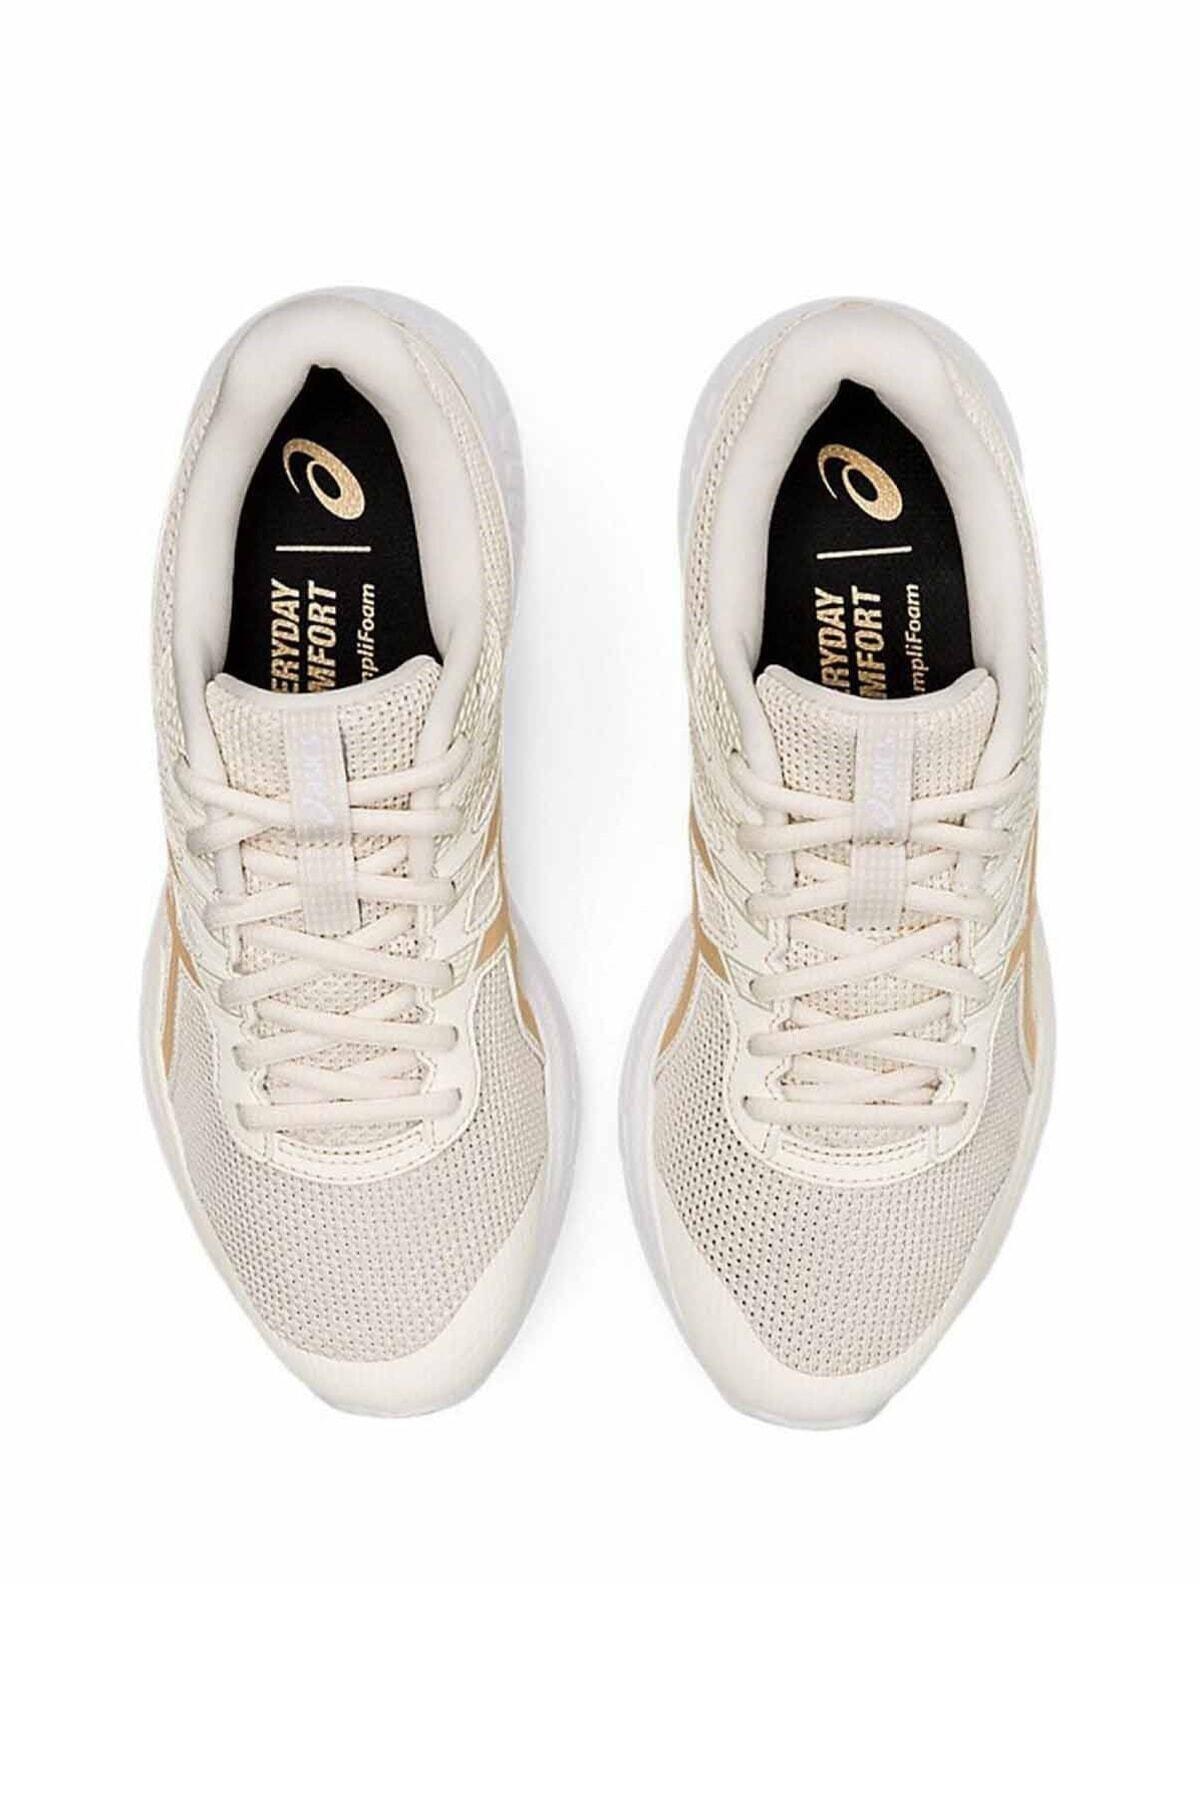 Asics Gel-contend 6 Twıst Kadın Koşu Ayakkabısı 2